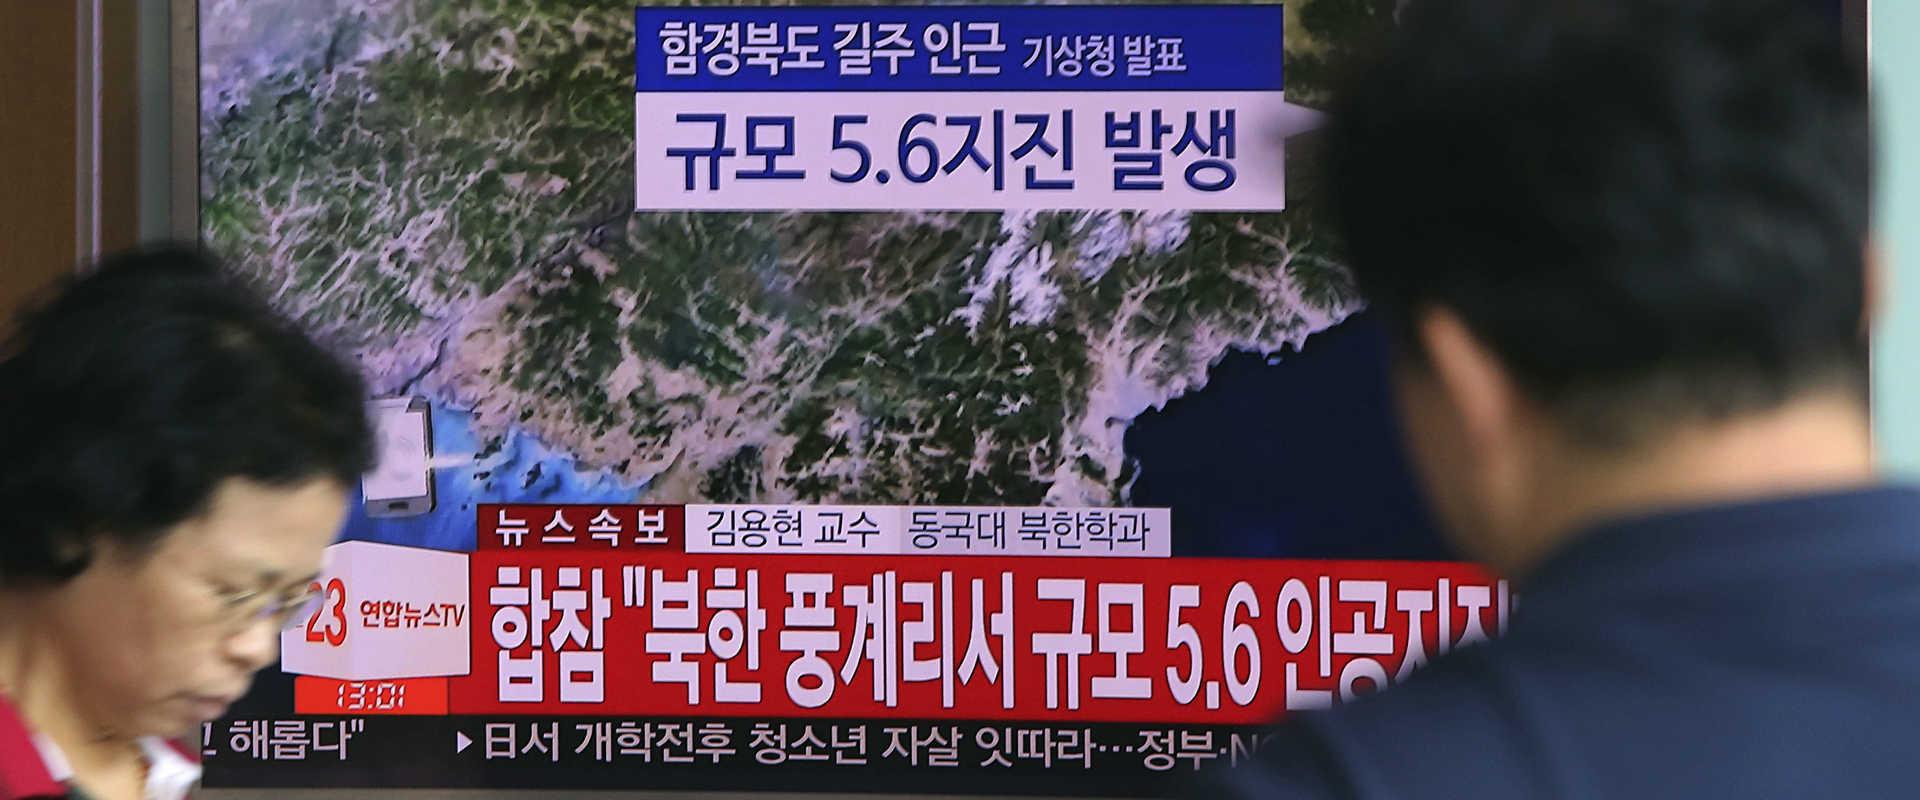 דיווחים בתקשורת הדרום קוריאנית על הניסוי הגרעיני ה